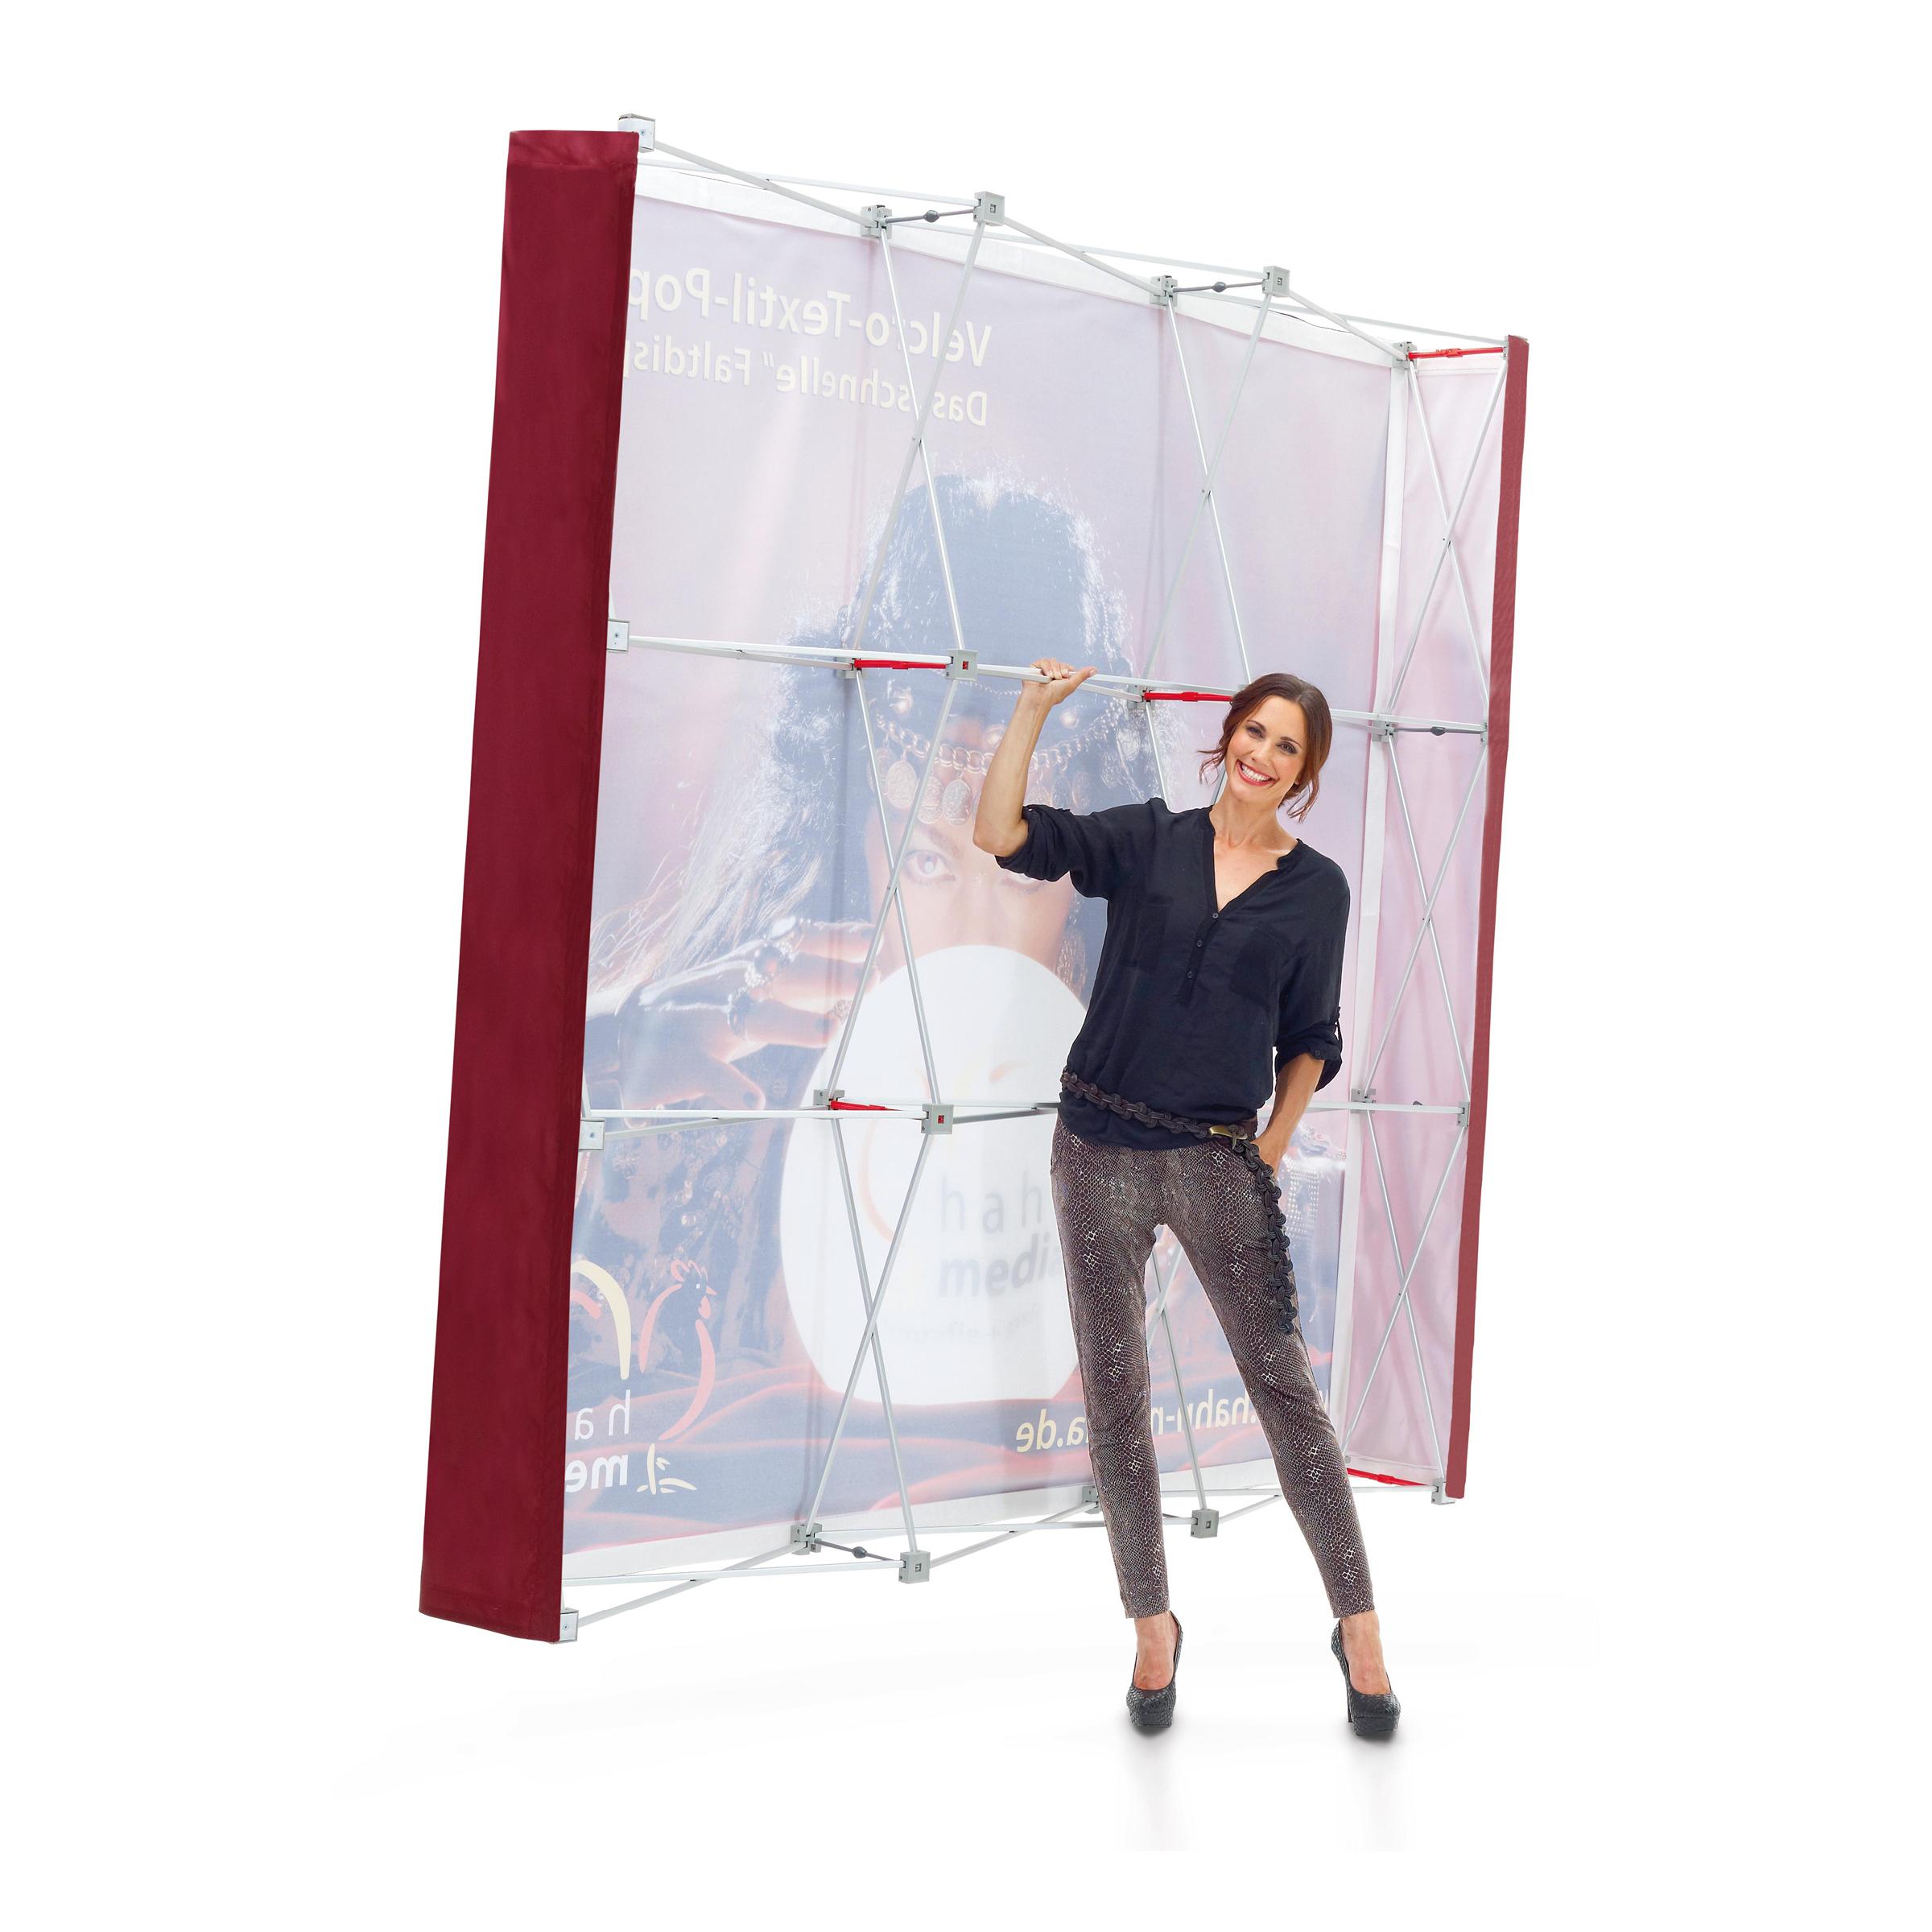 popup textil wand hahn media fotografie und digitaldruck w rzburg. Black Bedroom Furniture Sets. Home Design Ideas